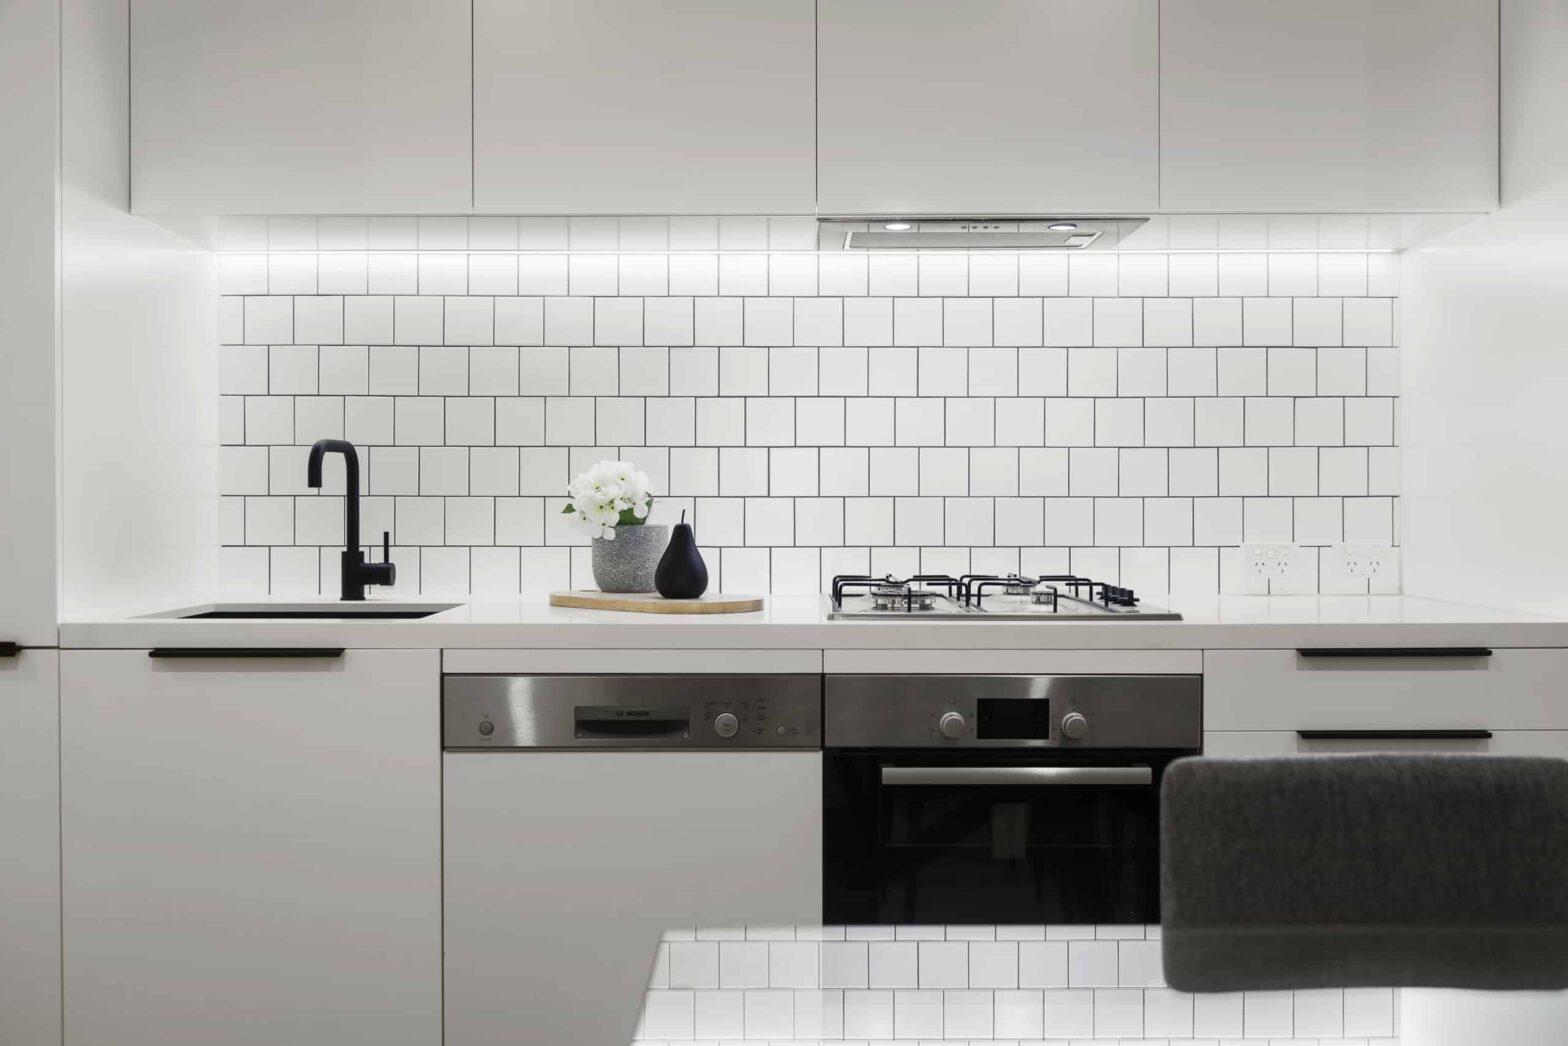 cuanto cuesta reformar una cocina de 7 metros cuadrados